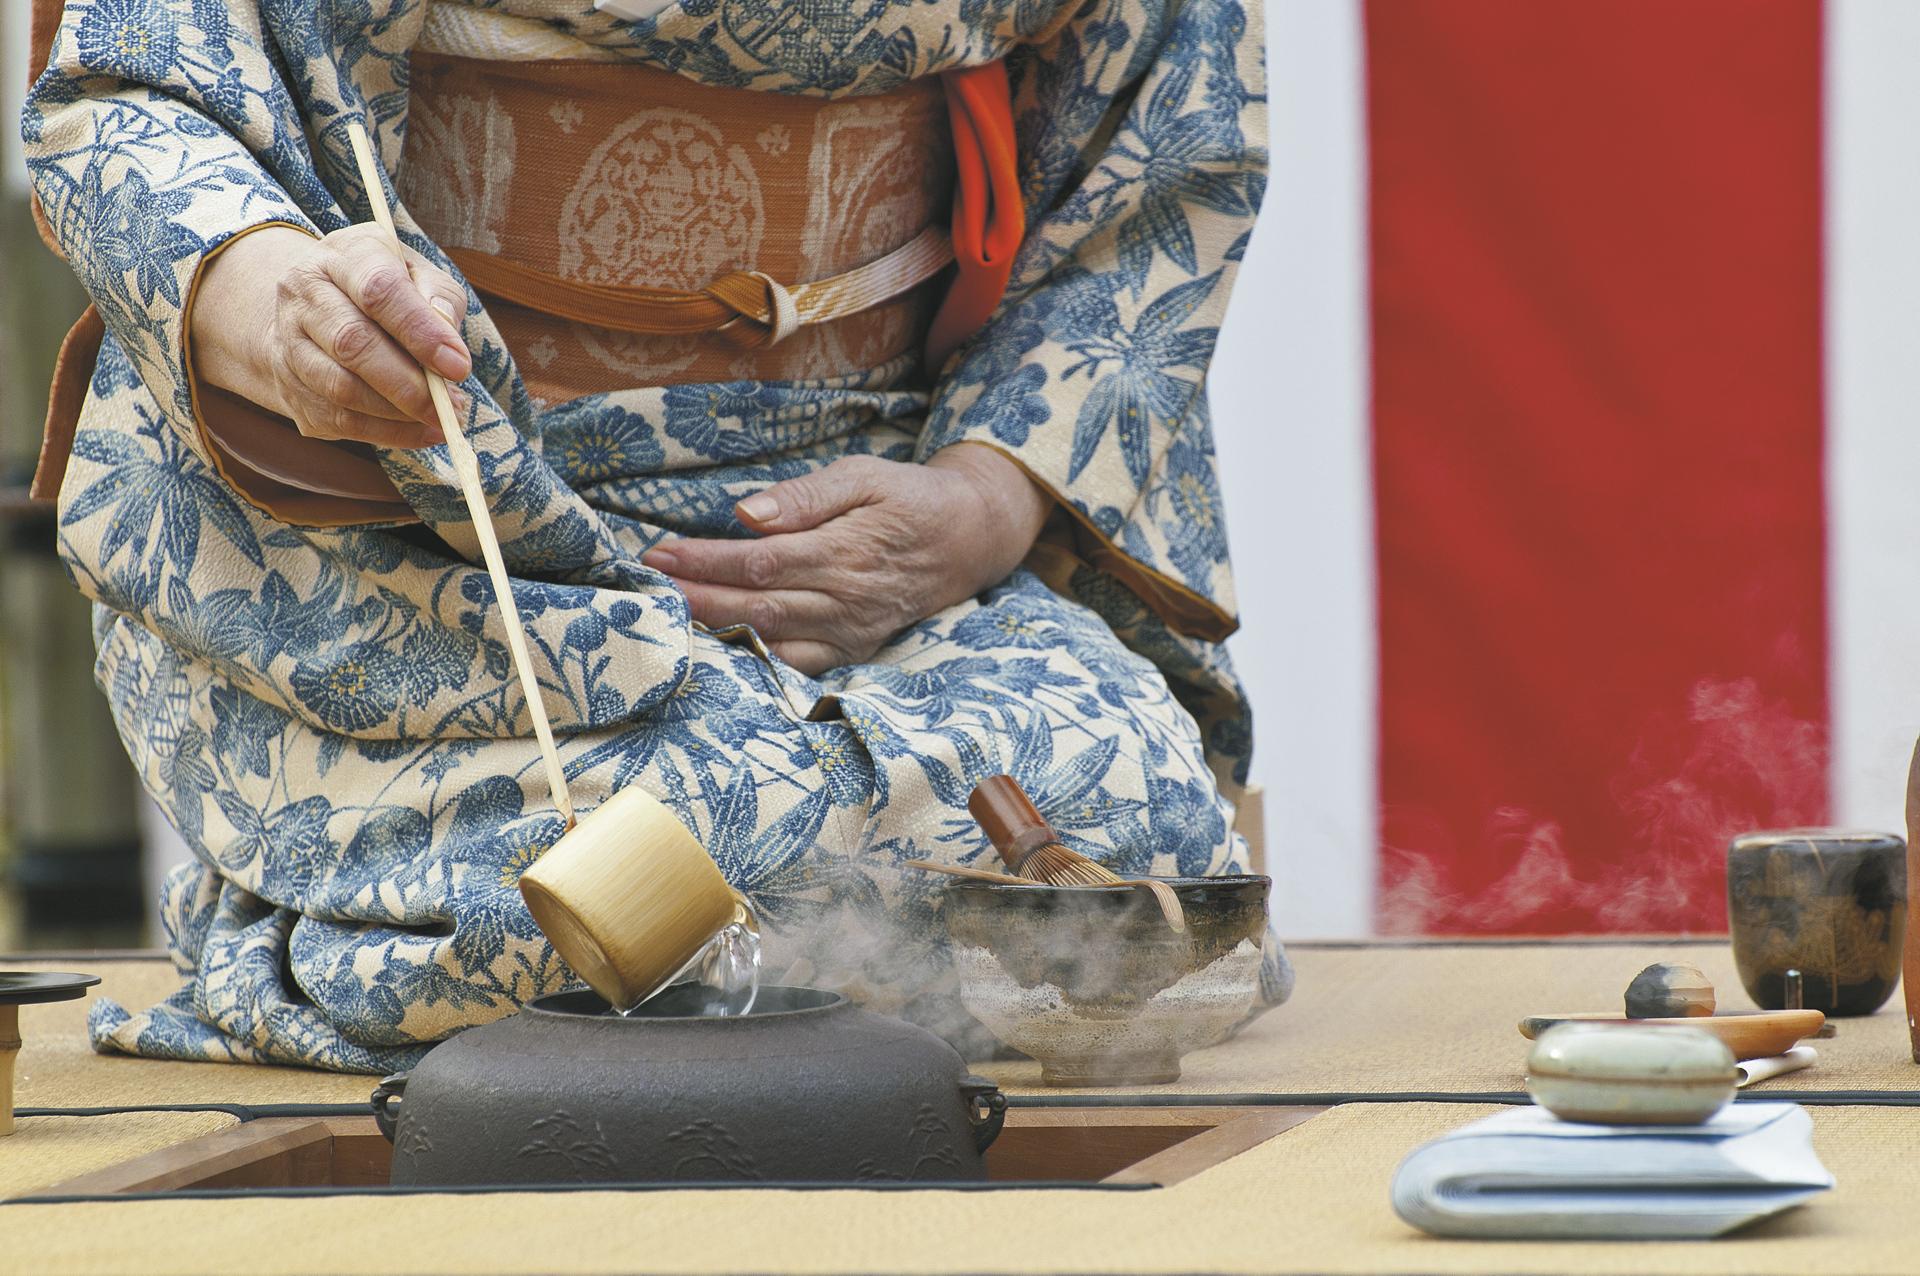 Japanische Teezeremonie - © Shutterstock